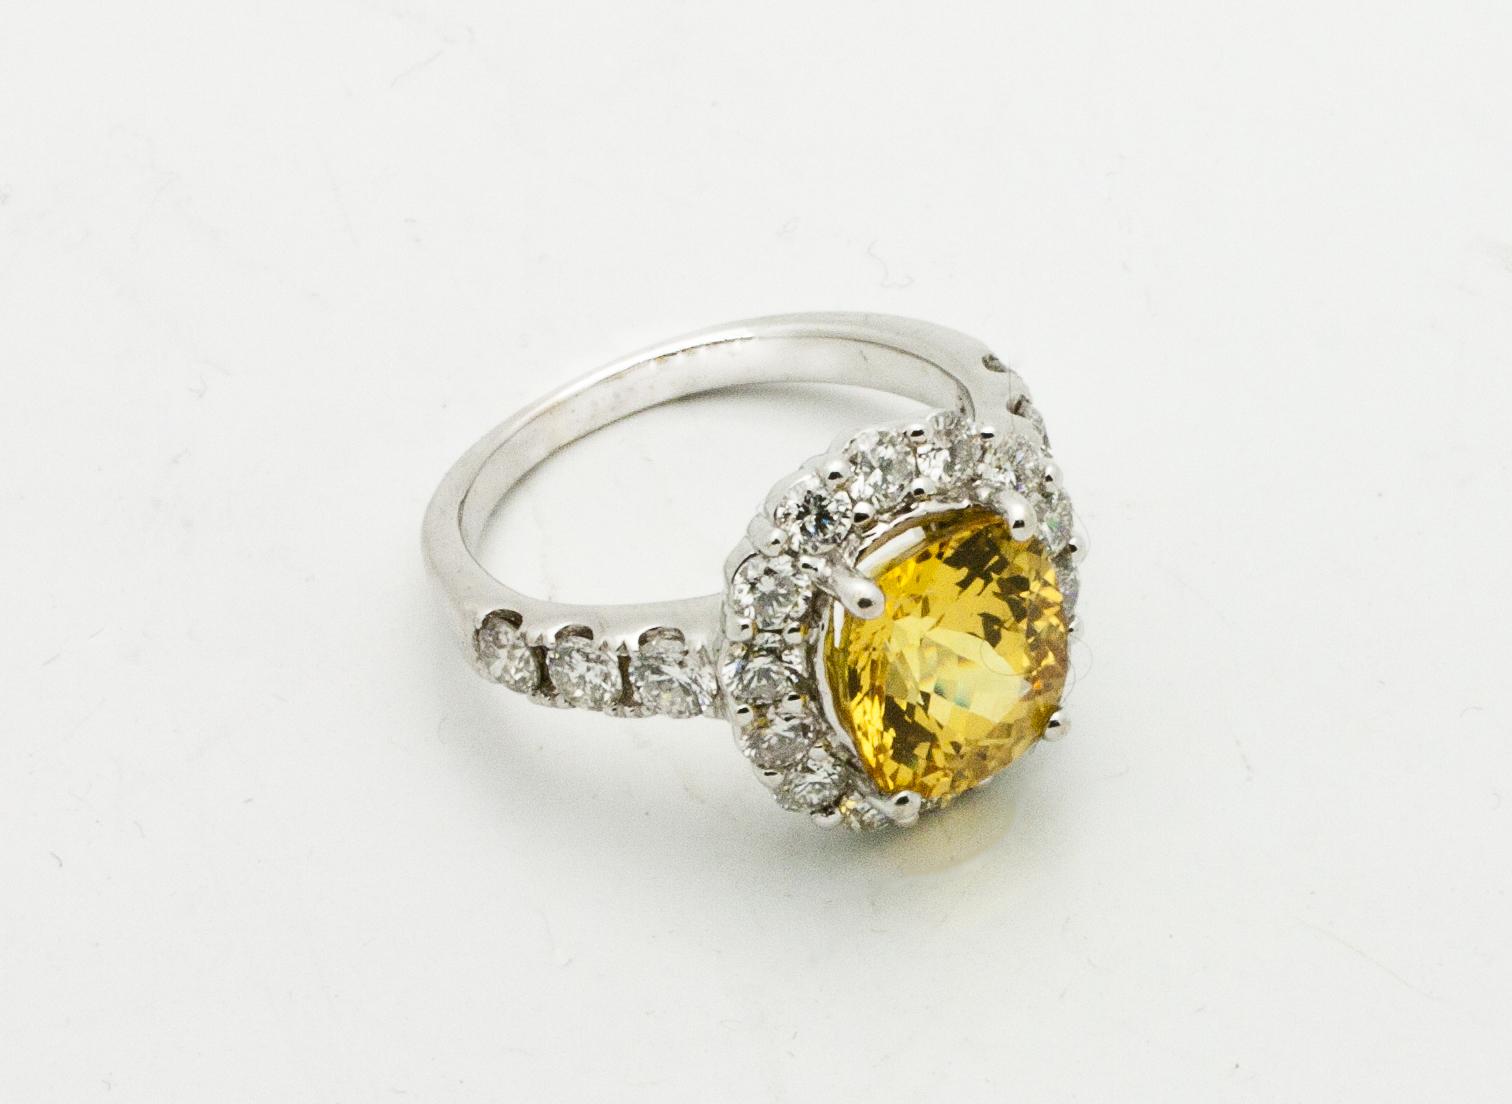 3 diamond white gold engagement ring.jpg